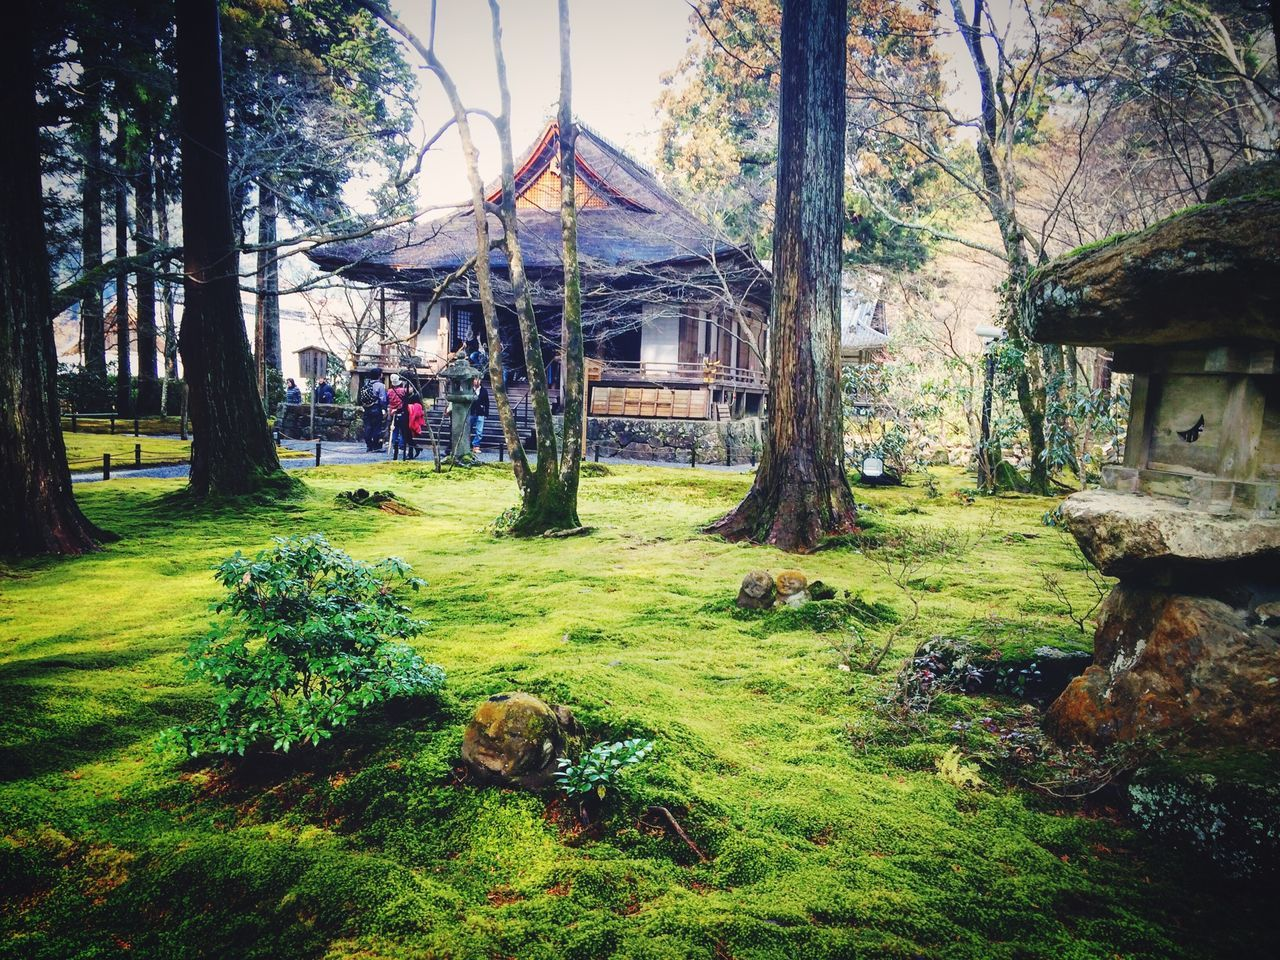 三千院 大原 わらべ地蔵 Kyoto 京都 寺社仏閣 Relaxing